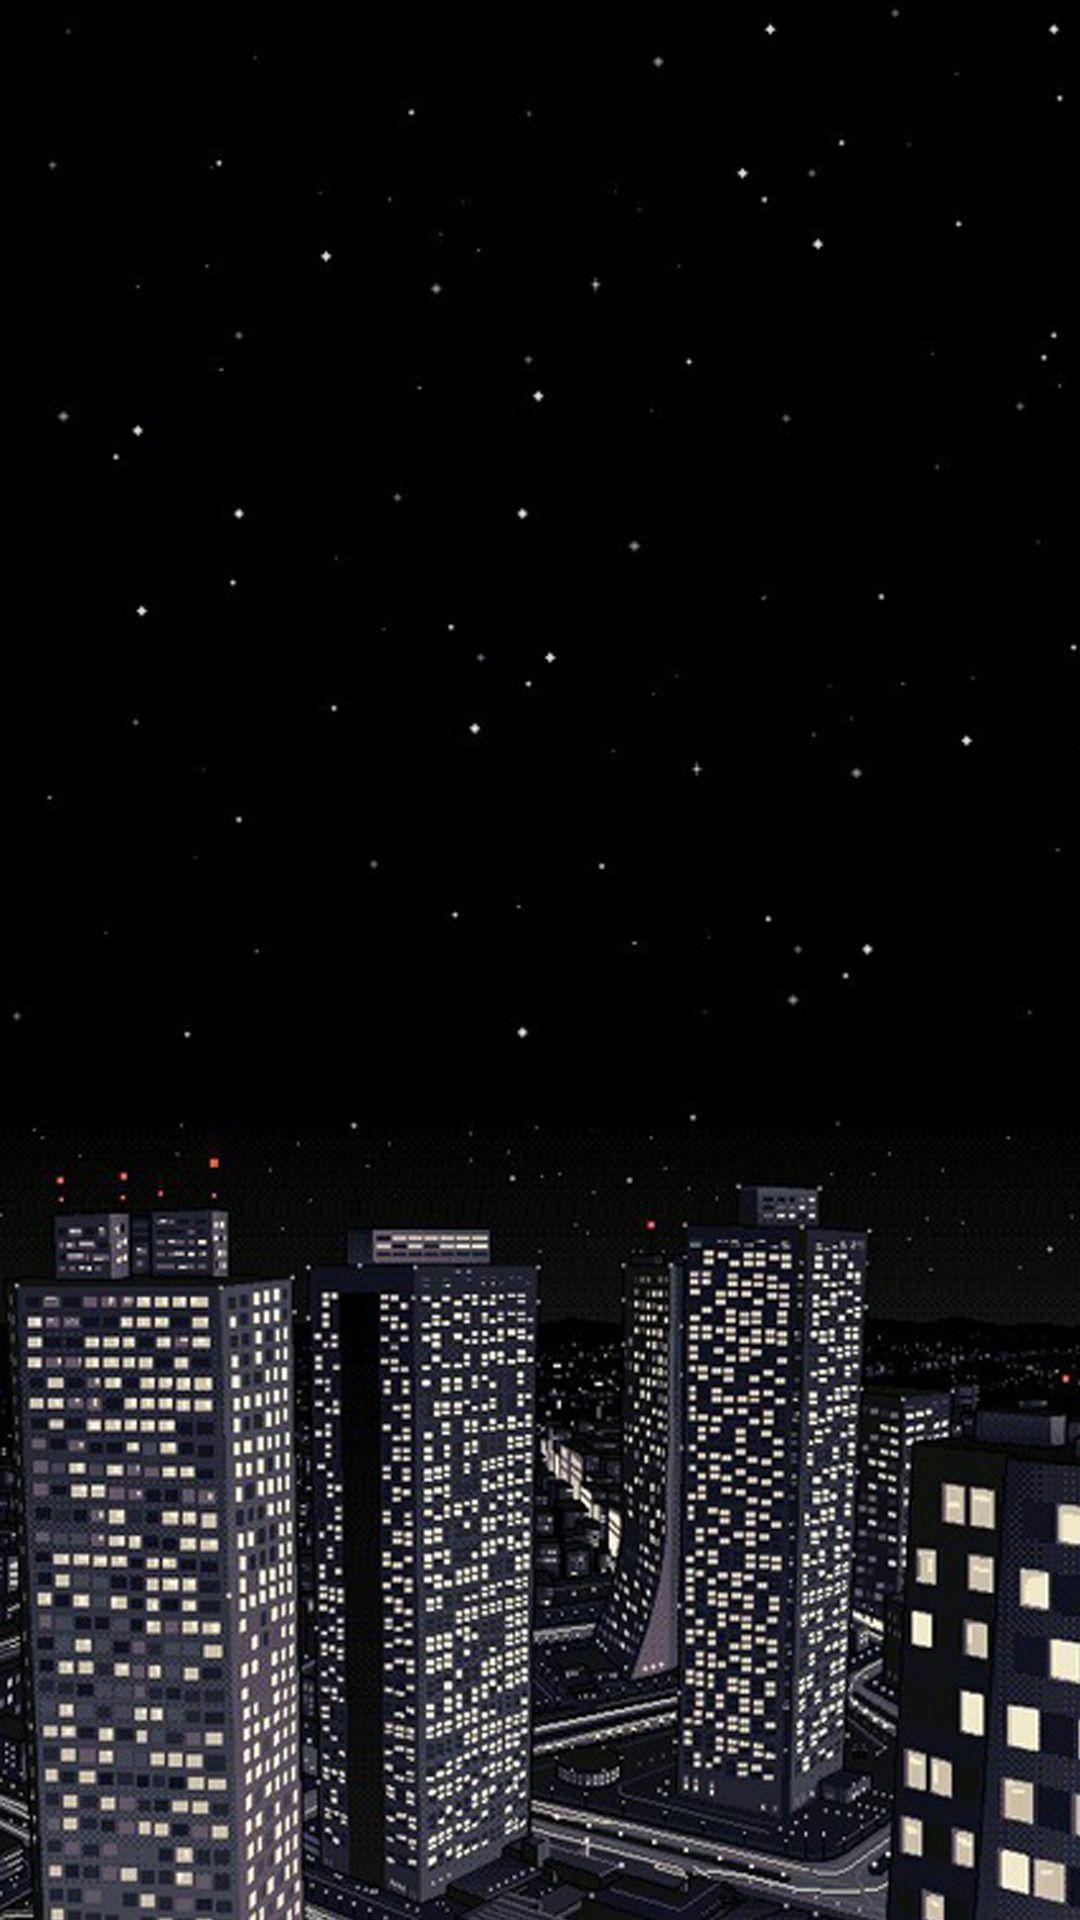 City Pixel Art Wallpapers Top Free City Pixel Art Backgrounds